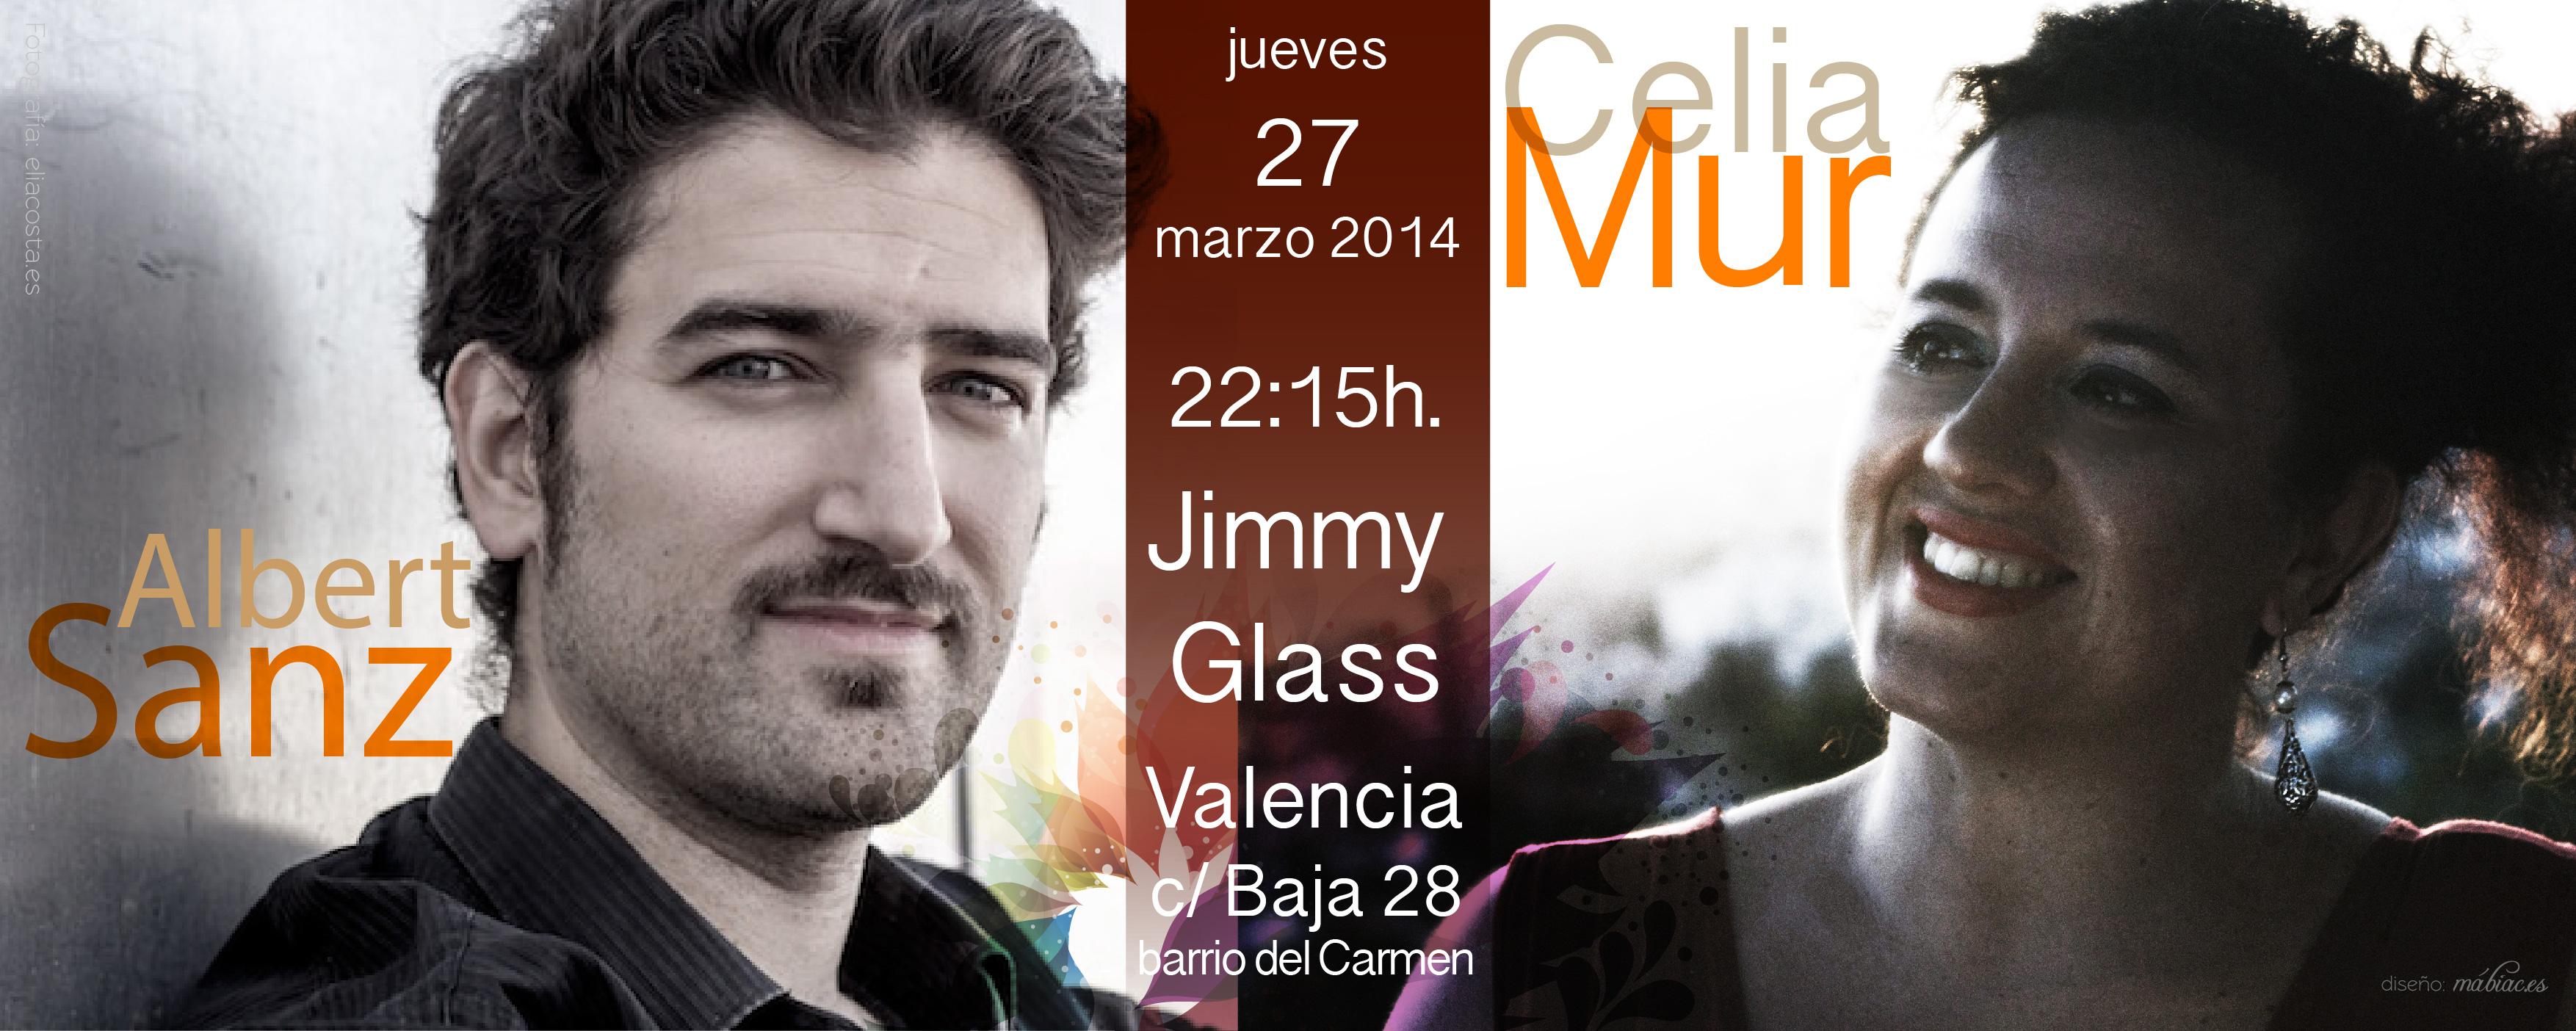 Celia Mur y Albert Sanz marzo_2014